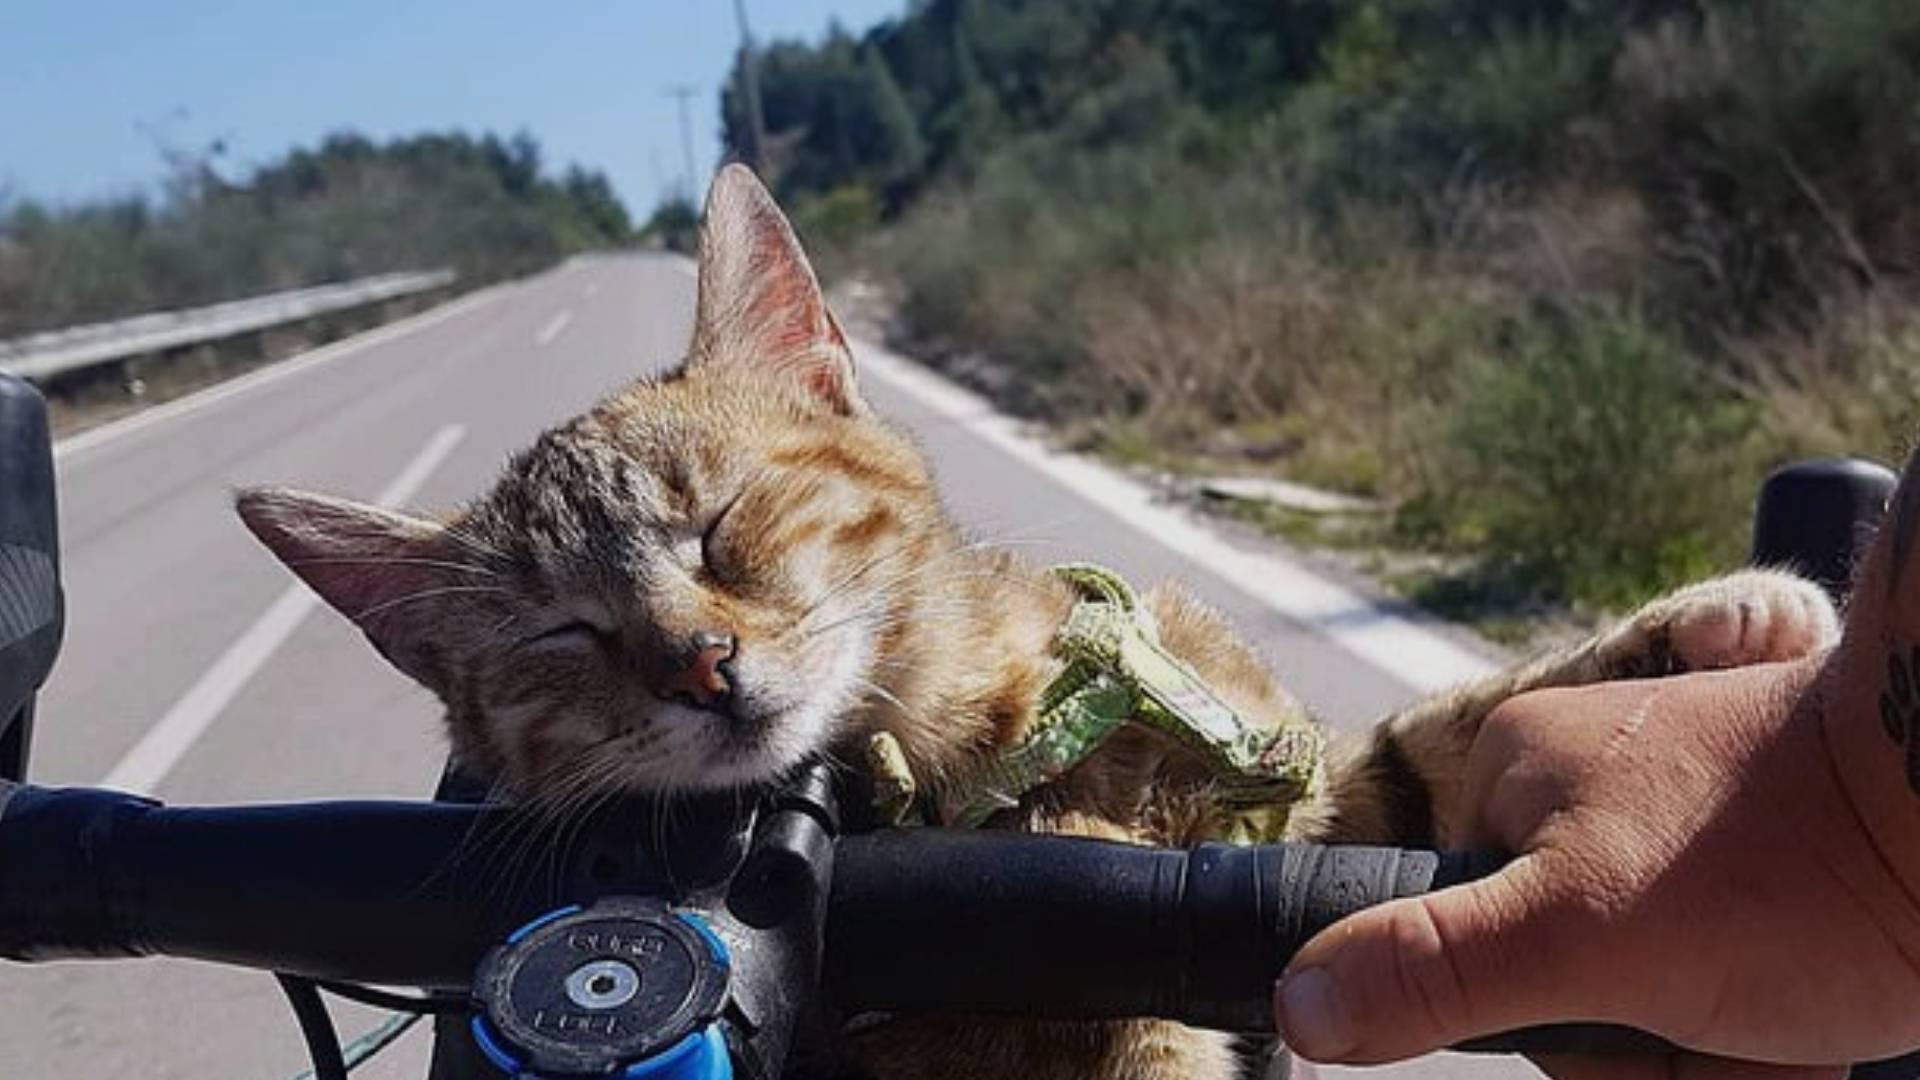 Yalnız Çıktığı Dünya Turuna Yolda Bulduğu Kediyle Devam Eden Gezginin Kalbinizi Isıtacak Hikayesi